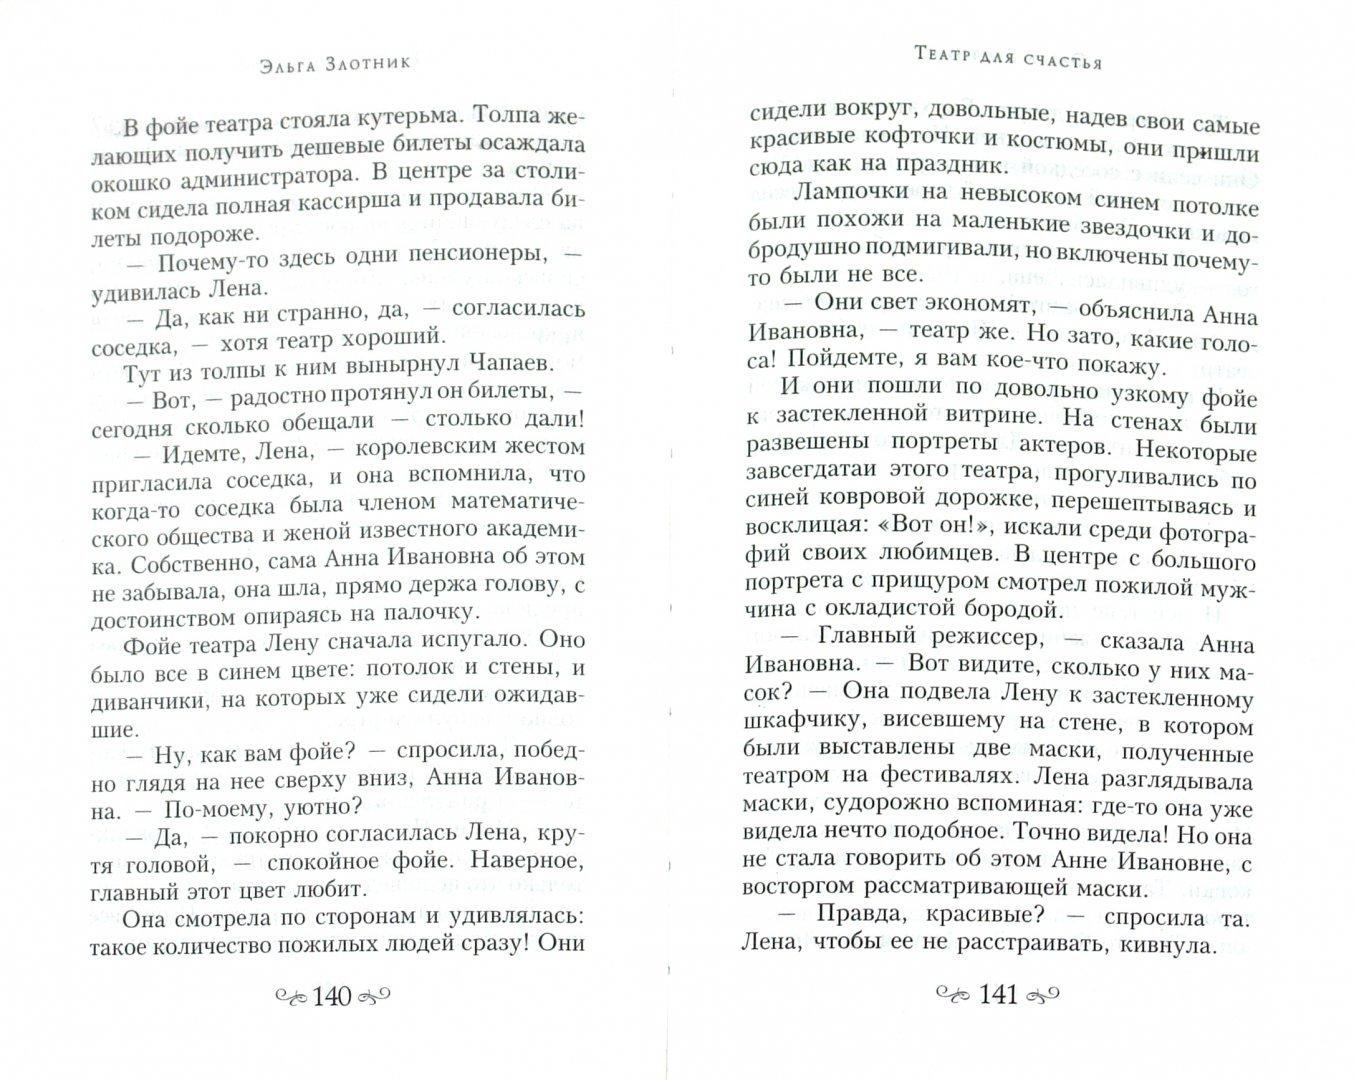 Иллюстрация 1 из 4 для Сами мы местные. Жена Коклюшкина пишет рассказы - Эльга Злотник   Лабиринт - книги. Источник: Лабиринт